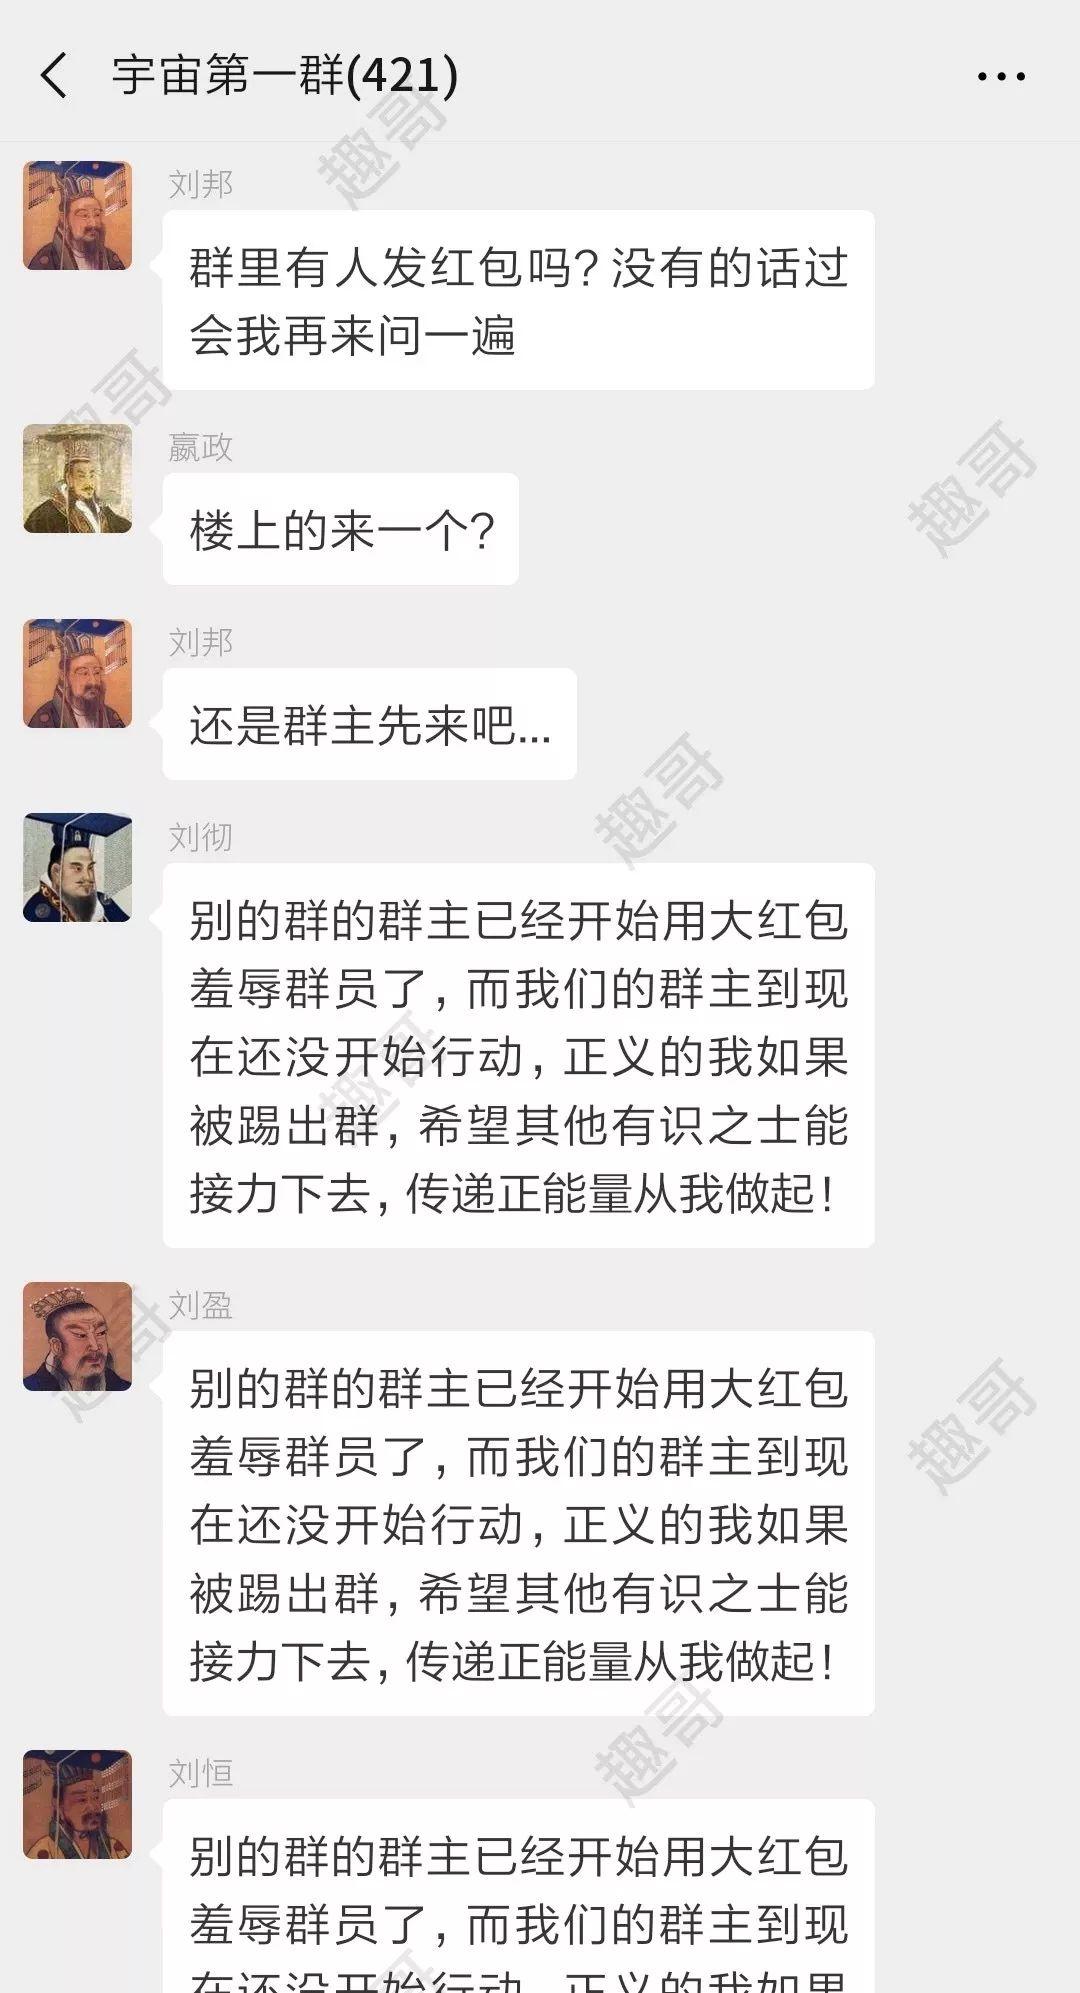 续集来啦!如果把中国422位皇帝放在一个群里,他们会聊些什么(2)